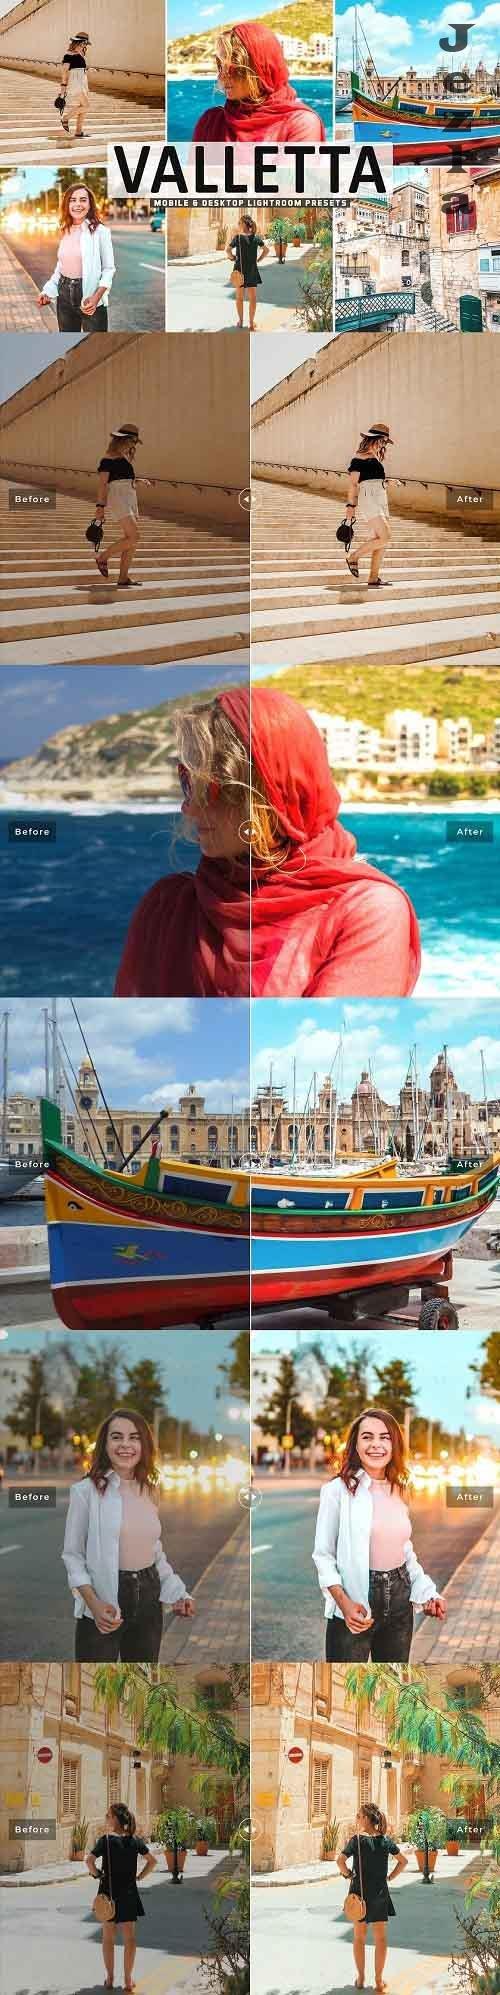 Valletta Pro Lightroom Presets 5478102 - Mobile & Desktop